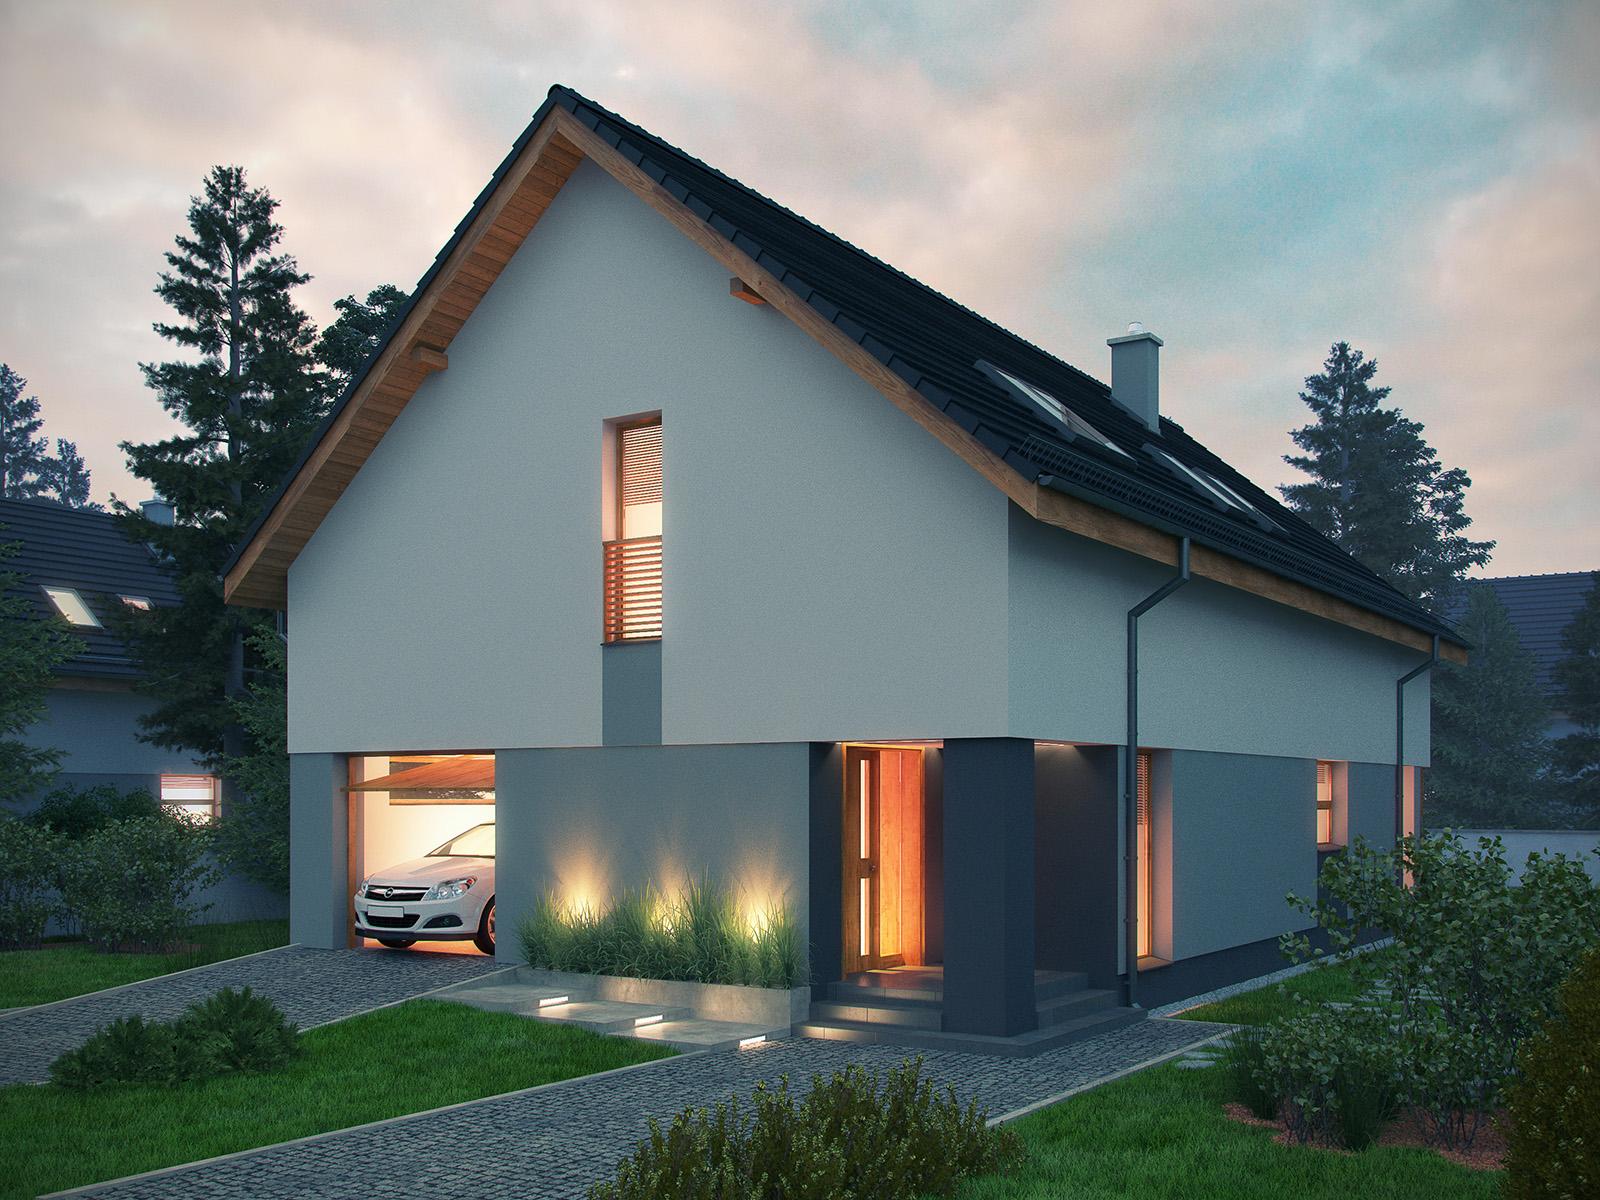 Projekt domu PRAKTYCZNY Domy Czystej Energii widok od frontu